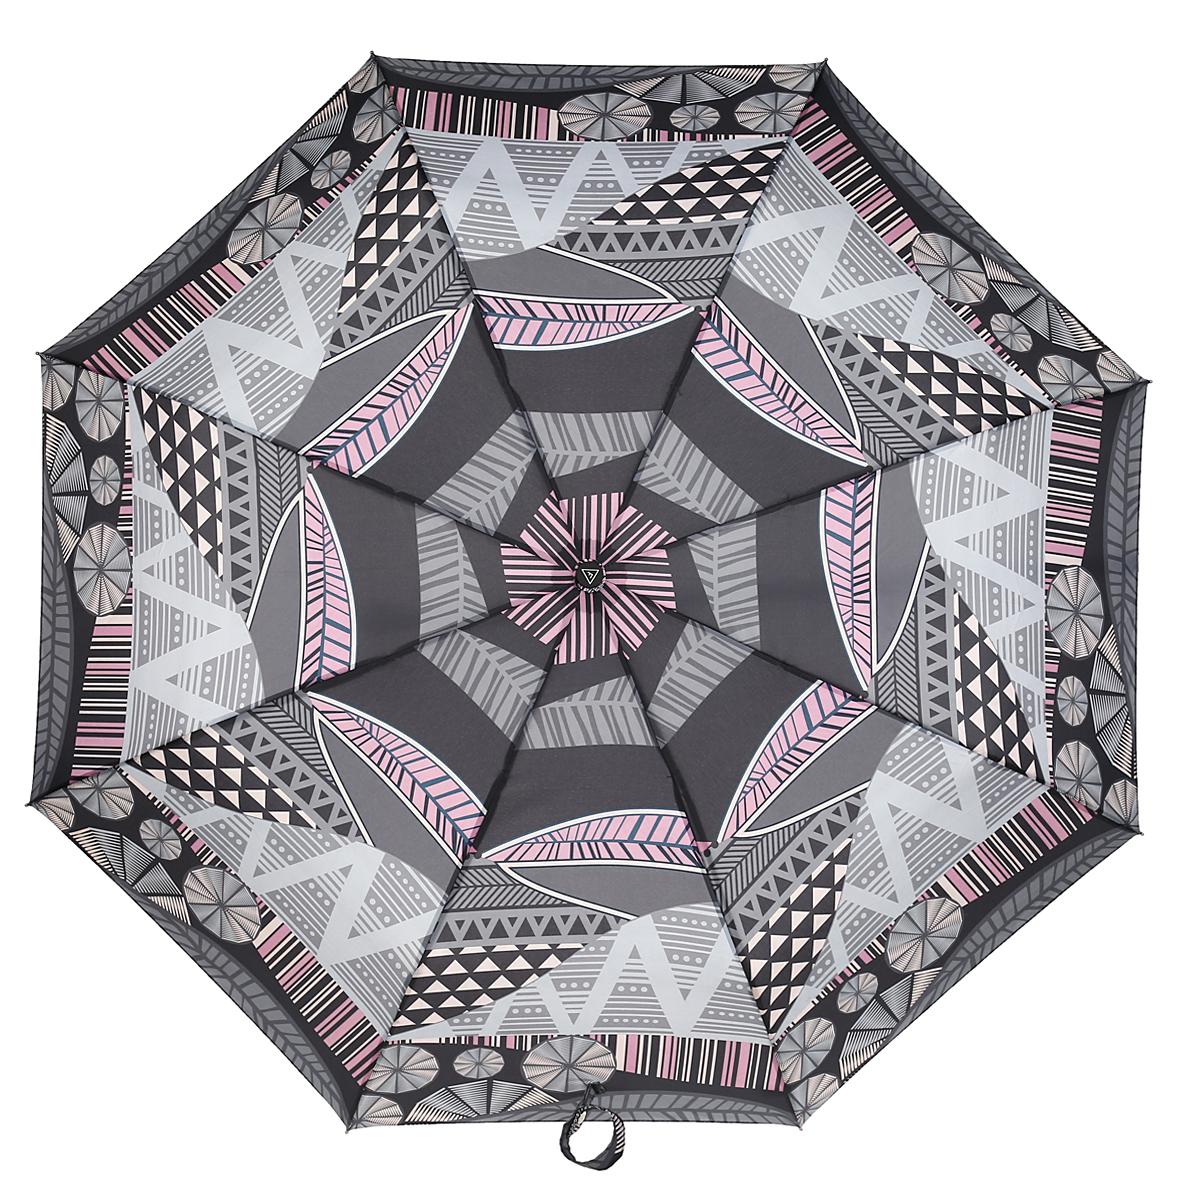 Зонт-автомат женский Fabretti, 3 сложения, цвет: серый, розовый. L-15113-1Fabretti L-15113-1Автоматический зонт торговой марки Fabretti, произведенный из качественных материалов, станет стильным аксессуаром для девушек и женщин любых возрастов. Купол зонтика выполнен из полиэстера, обработанного водоотталкивающей пропиткой, и оформлен необычным орнаментом. Каркас зонта изготовлен из восьми металлических спиц, стержня и ручки с полиуретановым покрытием, разработанной с учетом эргономических требований. Зонт оснащен автоматическим механизмом в три сложения. Купол открывается и закрывается нажатием кнопки на рукоятке, благодаря чему открыть и закрыть зонт можно одной рукой, что очень удобно при входе в транспорт или помещение, стержень складывается вручную до характерного щелчка. Рукоятка зонта для удобства оснащена шнурком, позволяющим при необходимости надеть зонт на руку. Благодаря компактным размерам зонта в сложенном виде, можно без труда поместить его в сумочку. Зонт поставляется в чехле. Женский зонт Fabretti не только выручит вас...